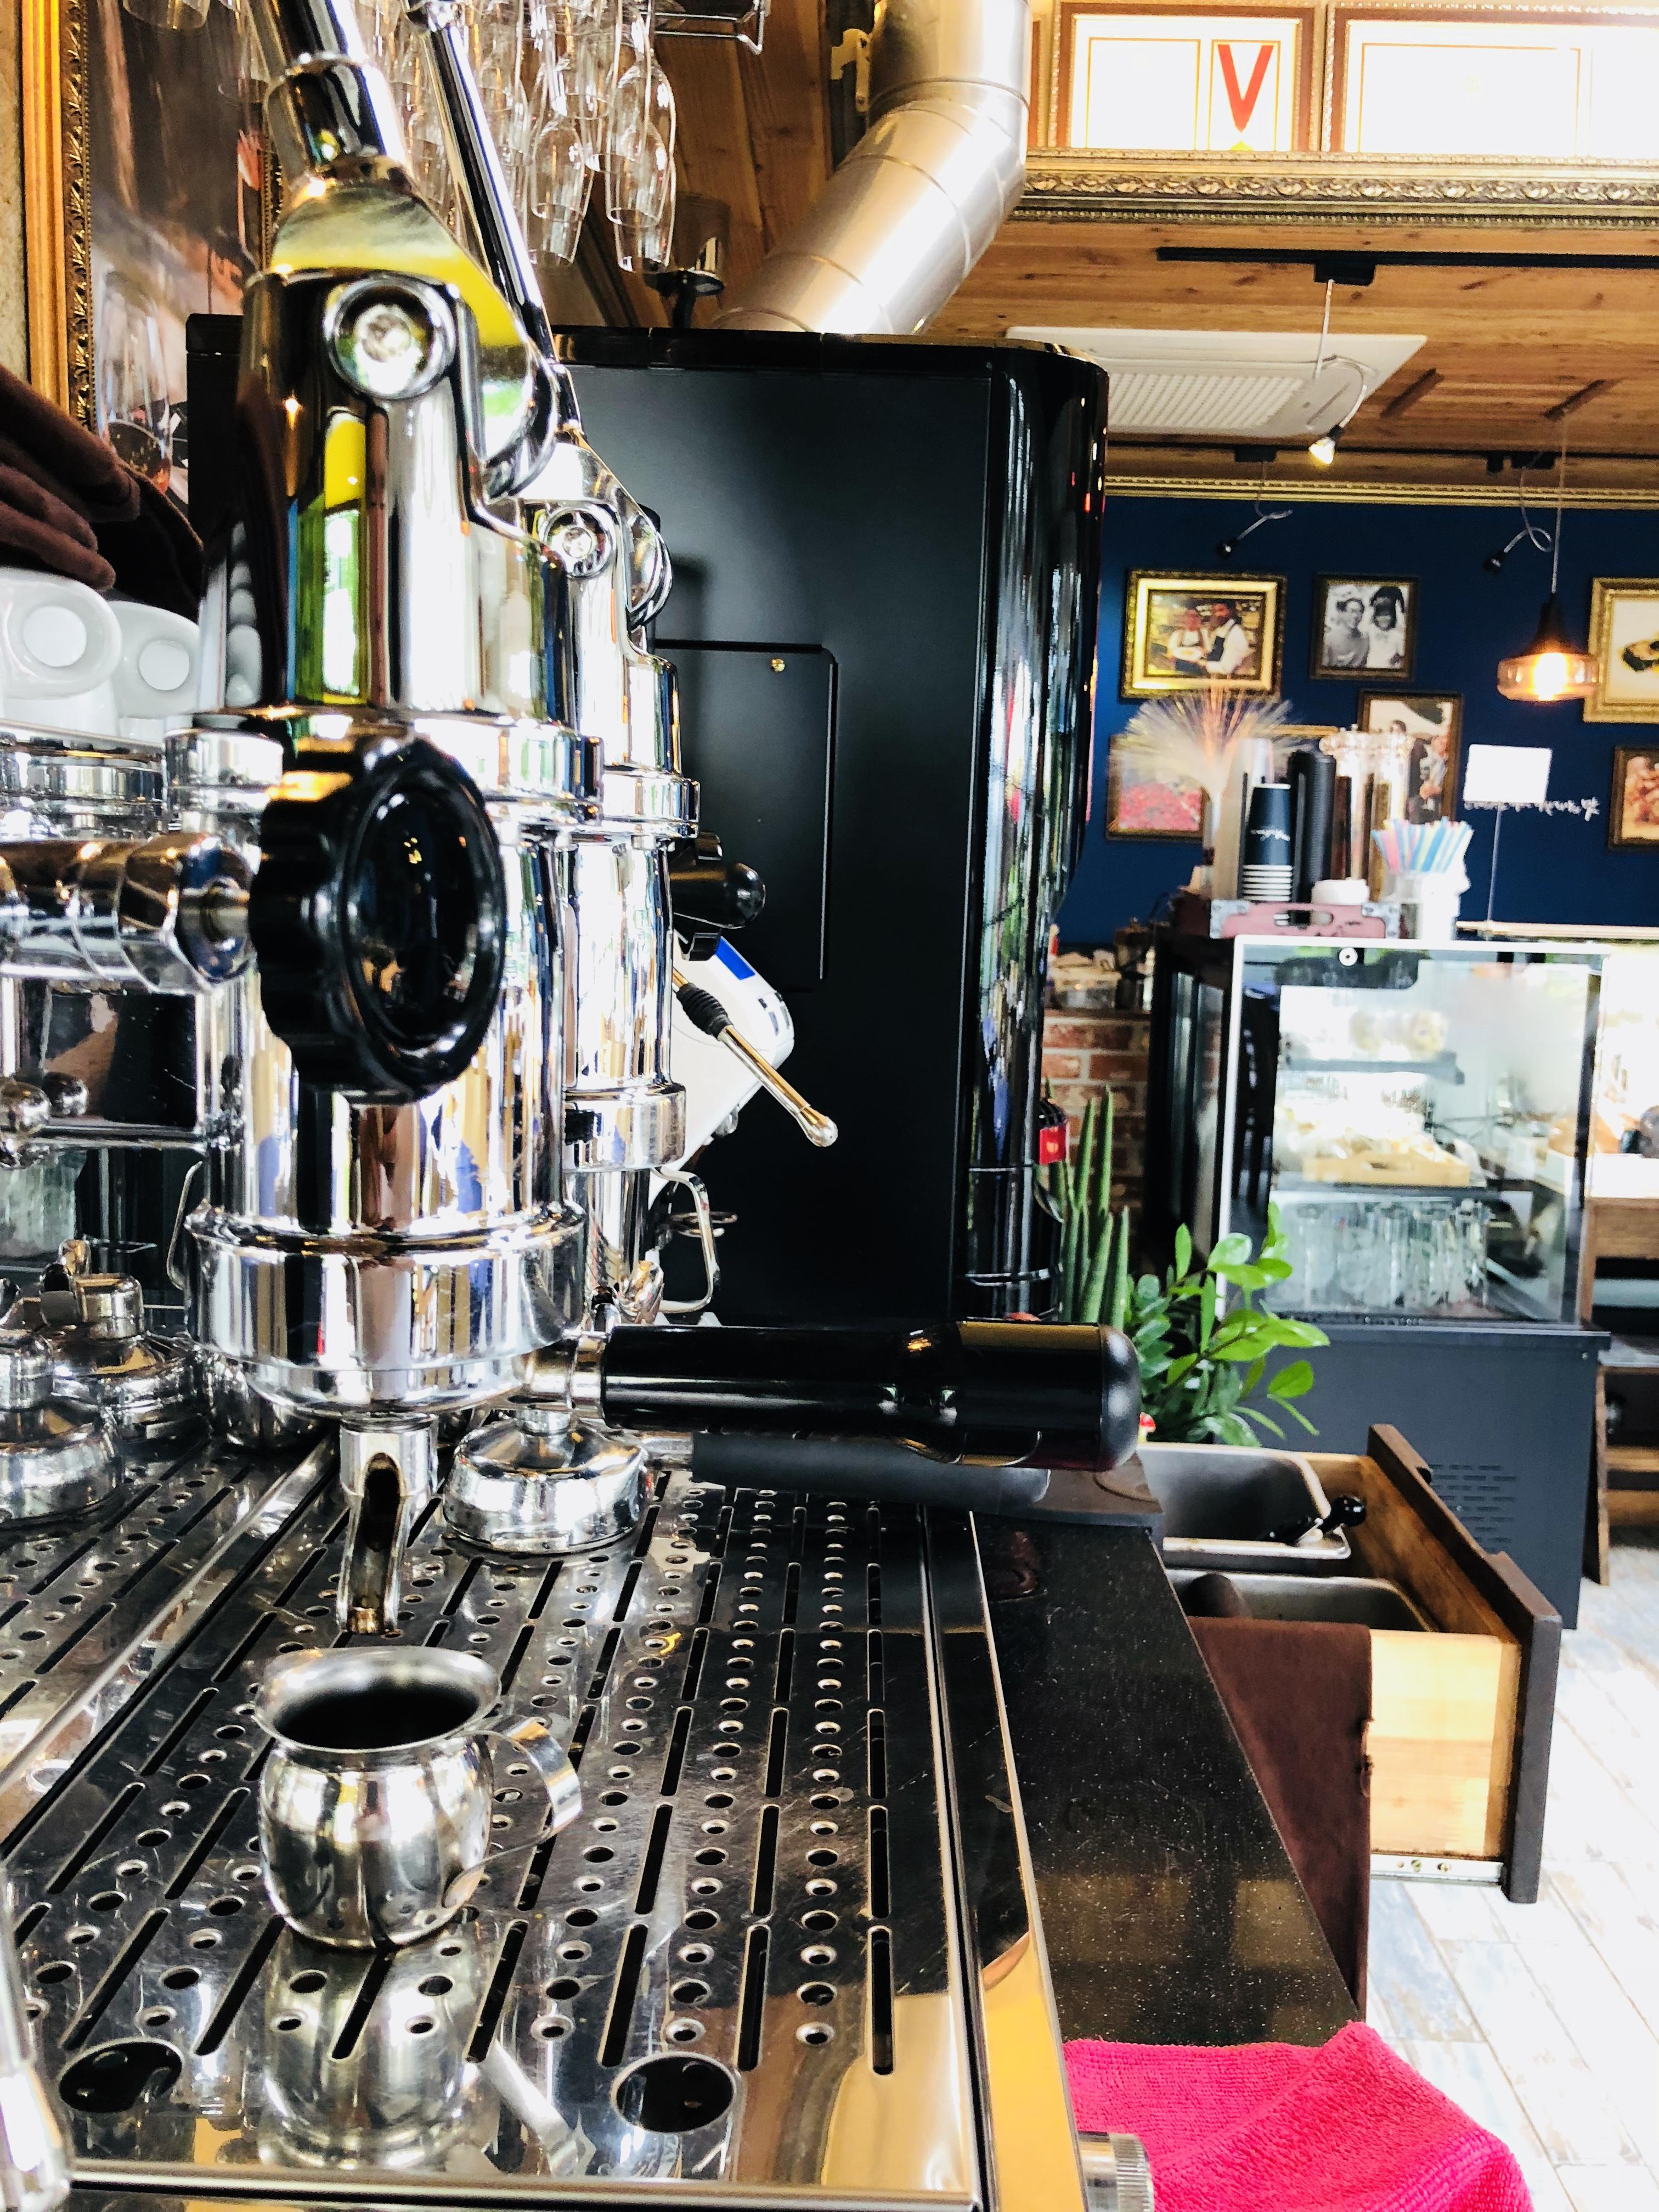 나폴리 정통 레버식 에스프레소 커피머신